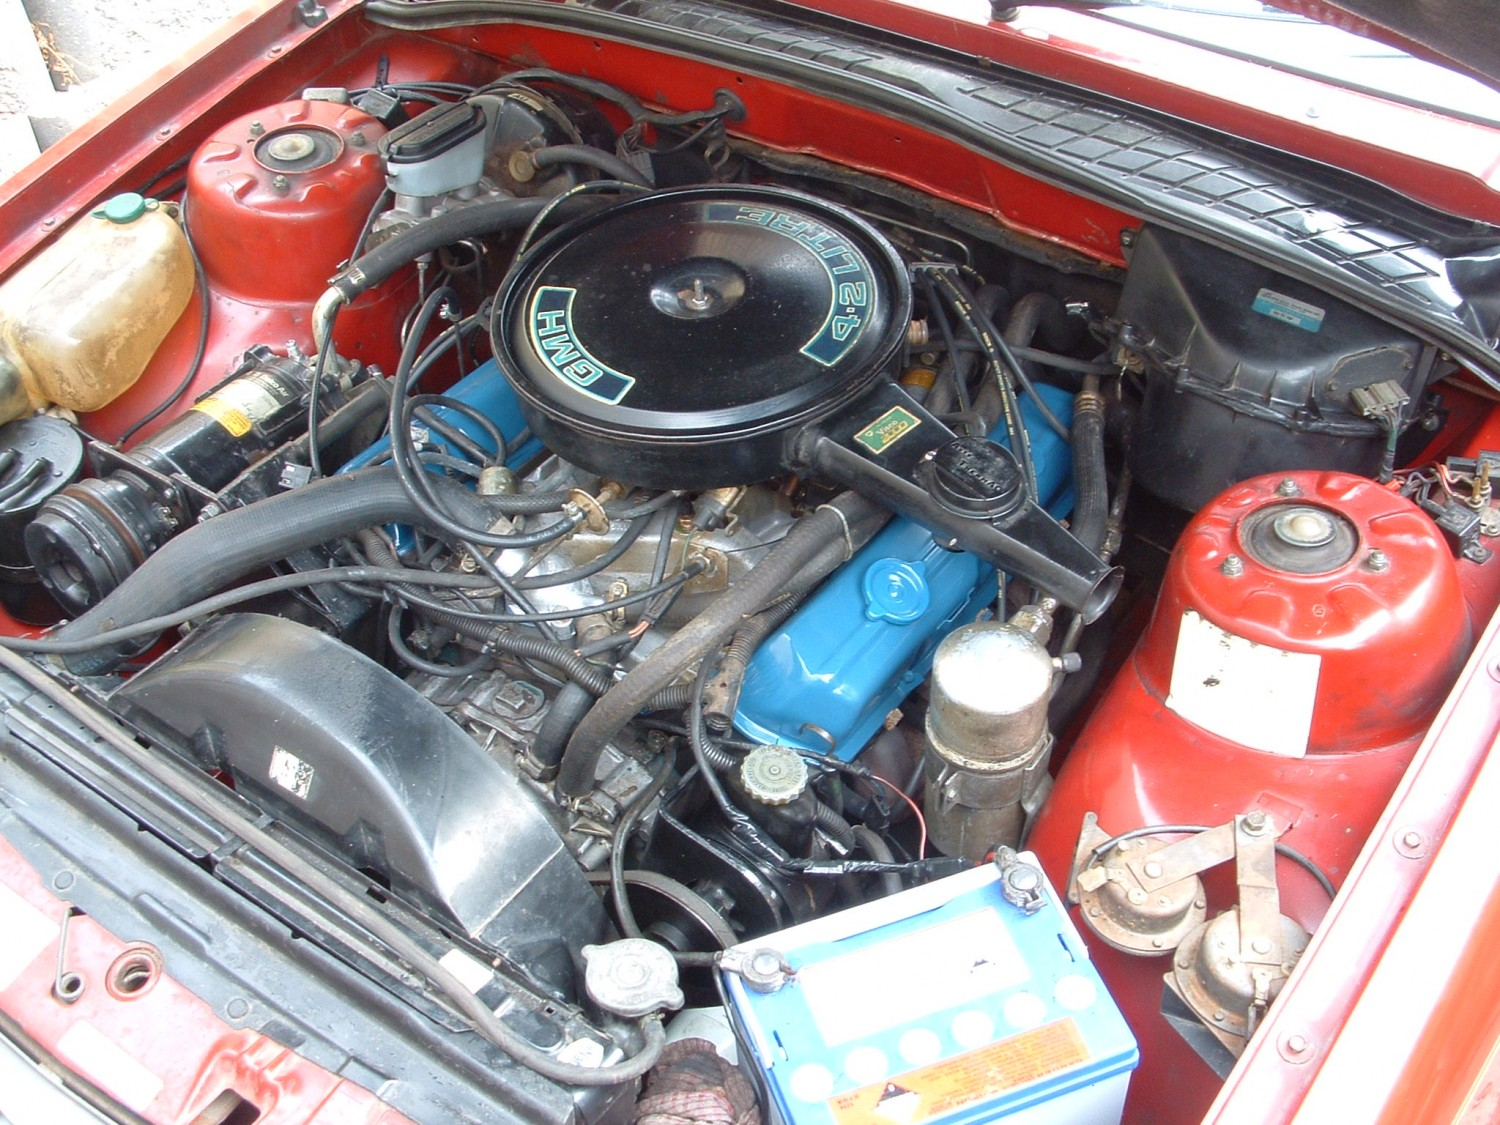 1981 Holden vc commodore sl/e